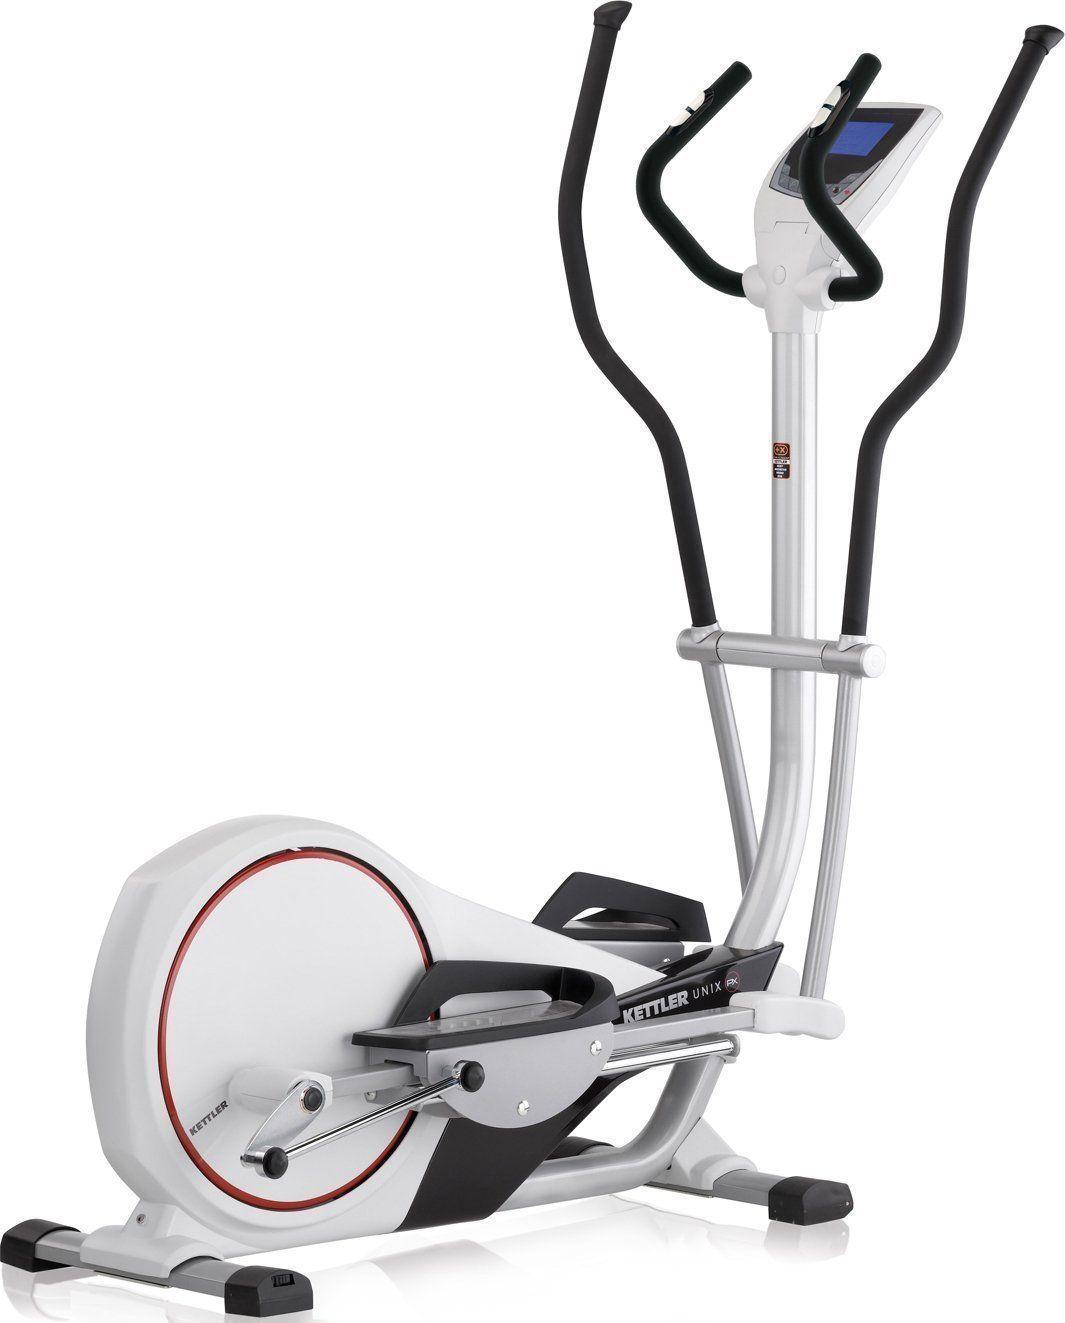 Kettler Home Exercise/Fitness Equipment UNIX PX